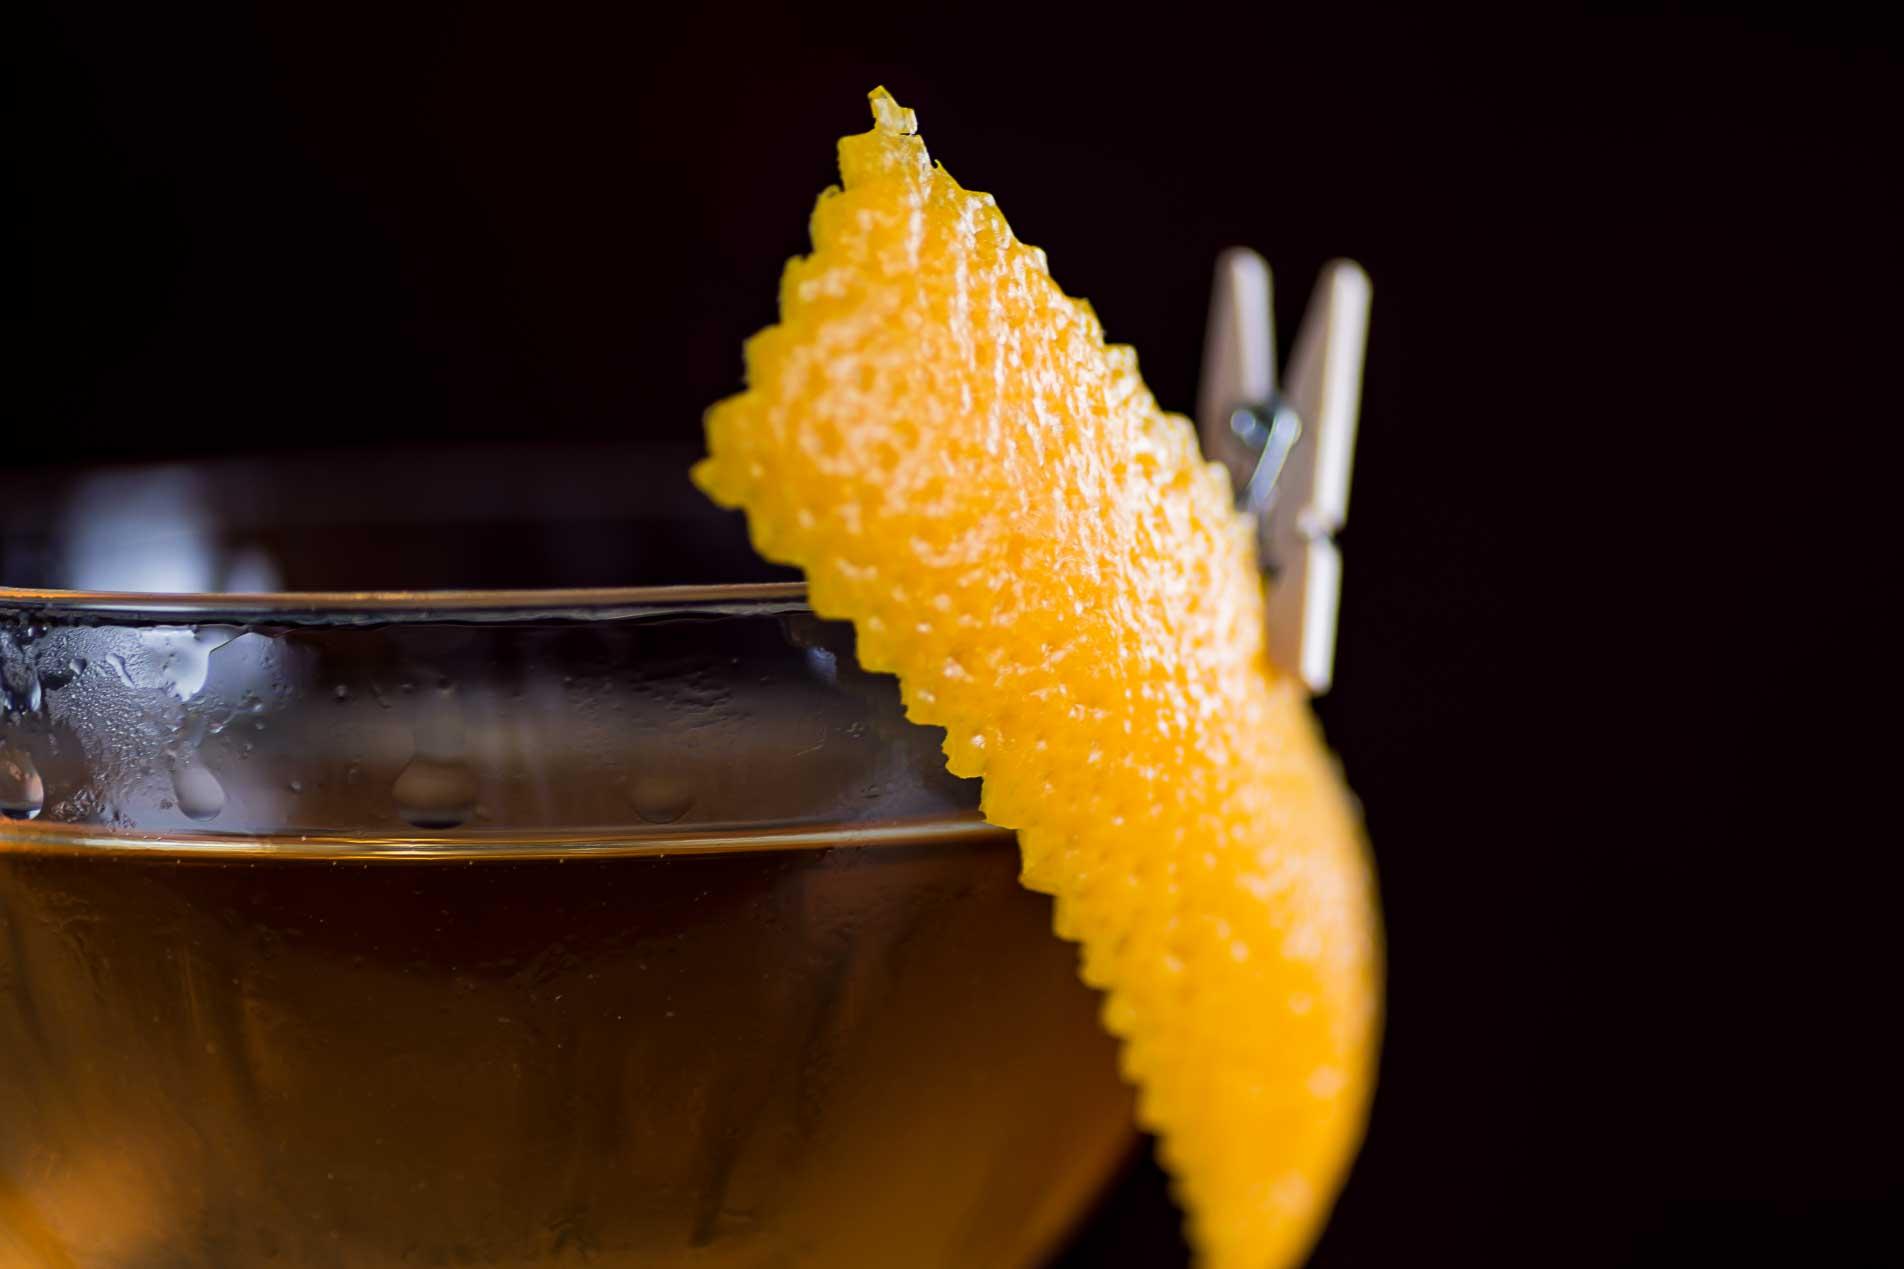 Die Orangenzeste als Garnitur funktioniert aromatisch vor allem mit dunklen Rums gut.